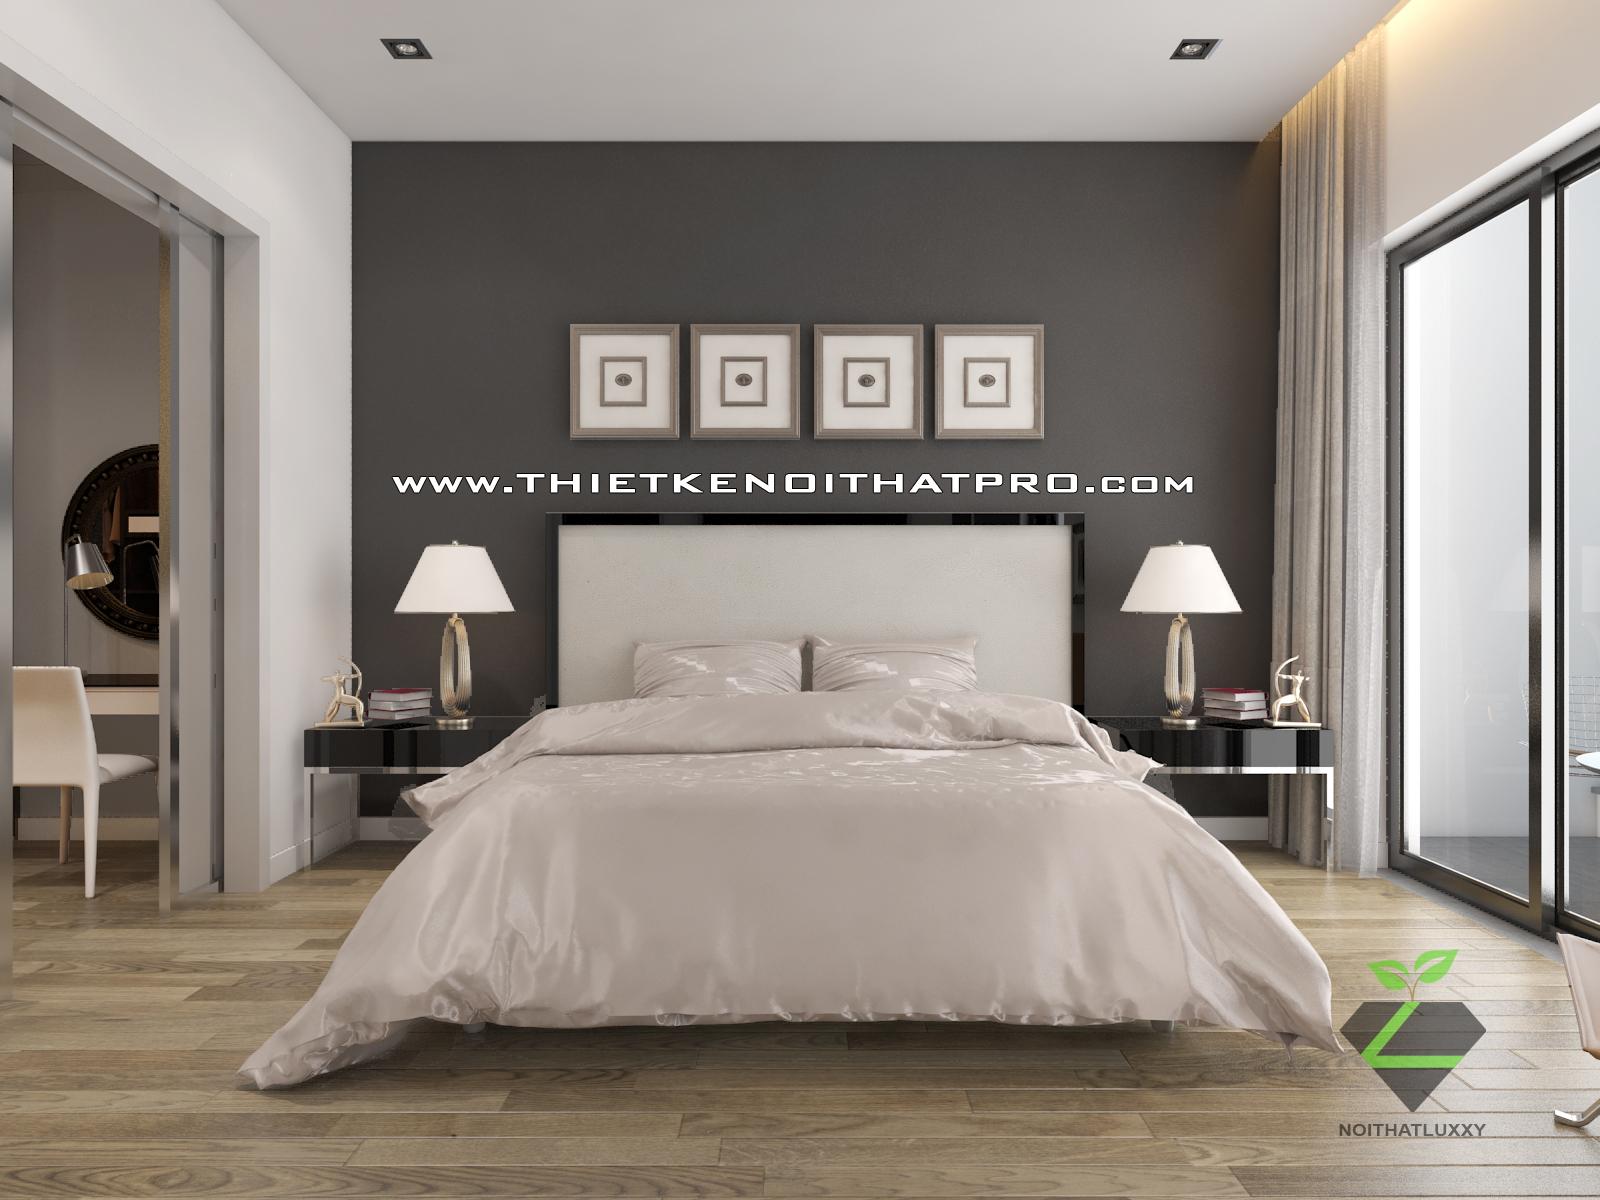 thiết kế nội thất Biệt Thự tại Hà Nội bt Vinhomes - riverside 23 1568085349